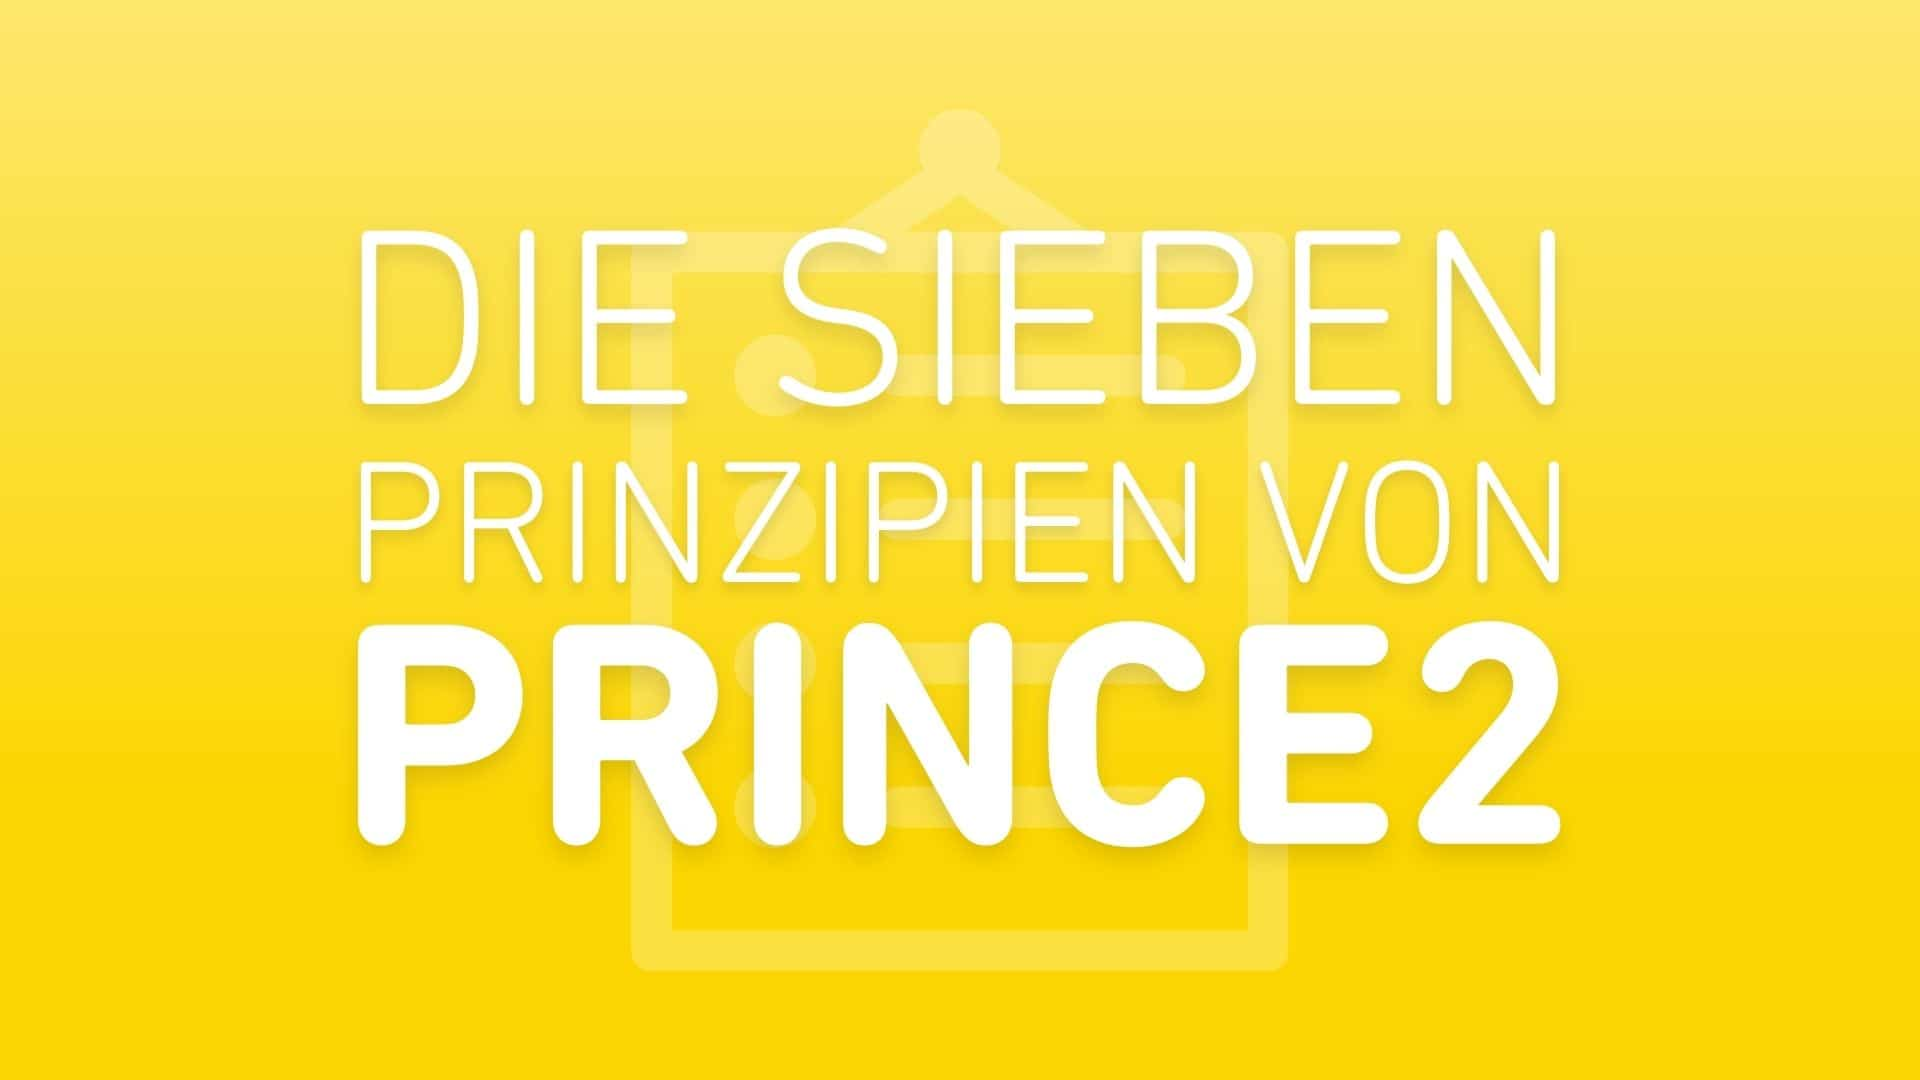 prince2-prinzipien